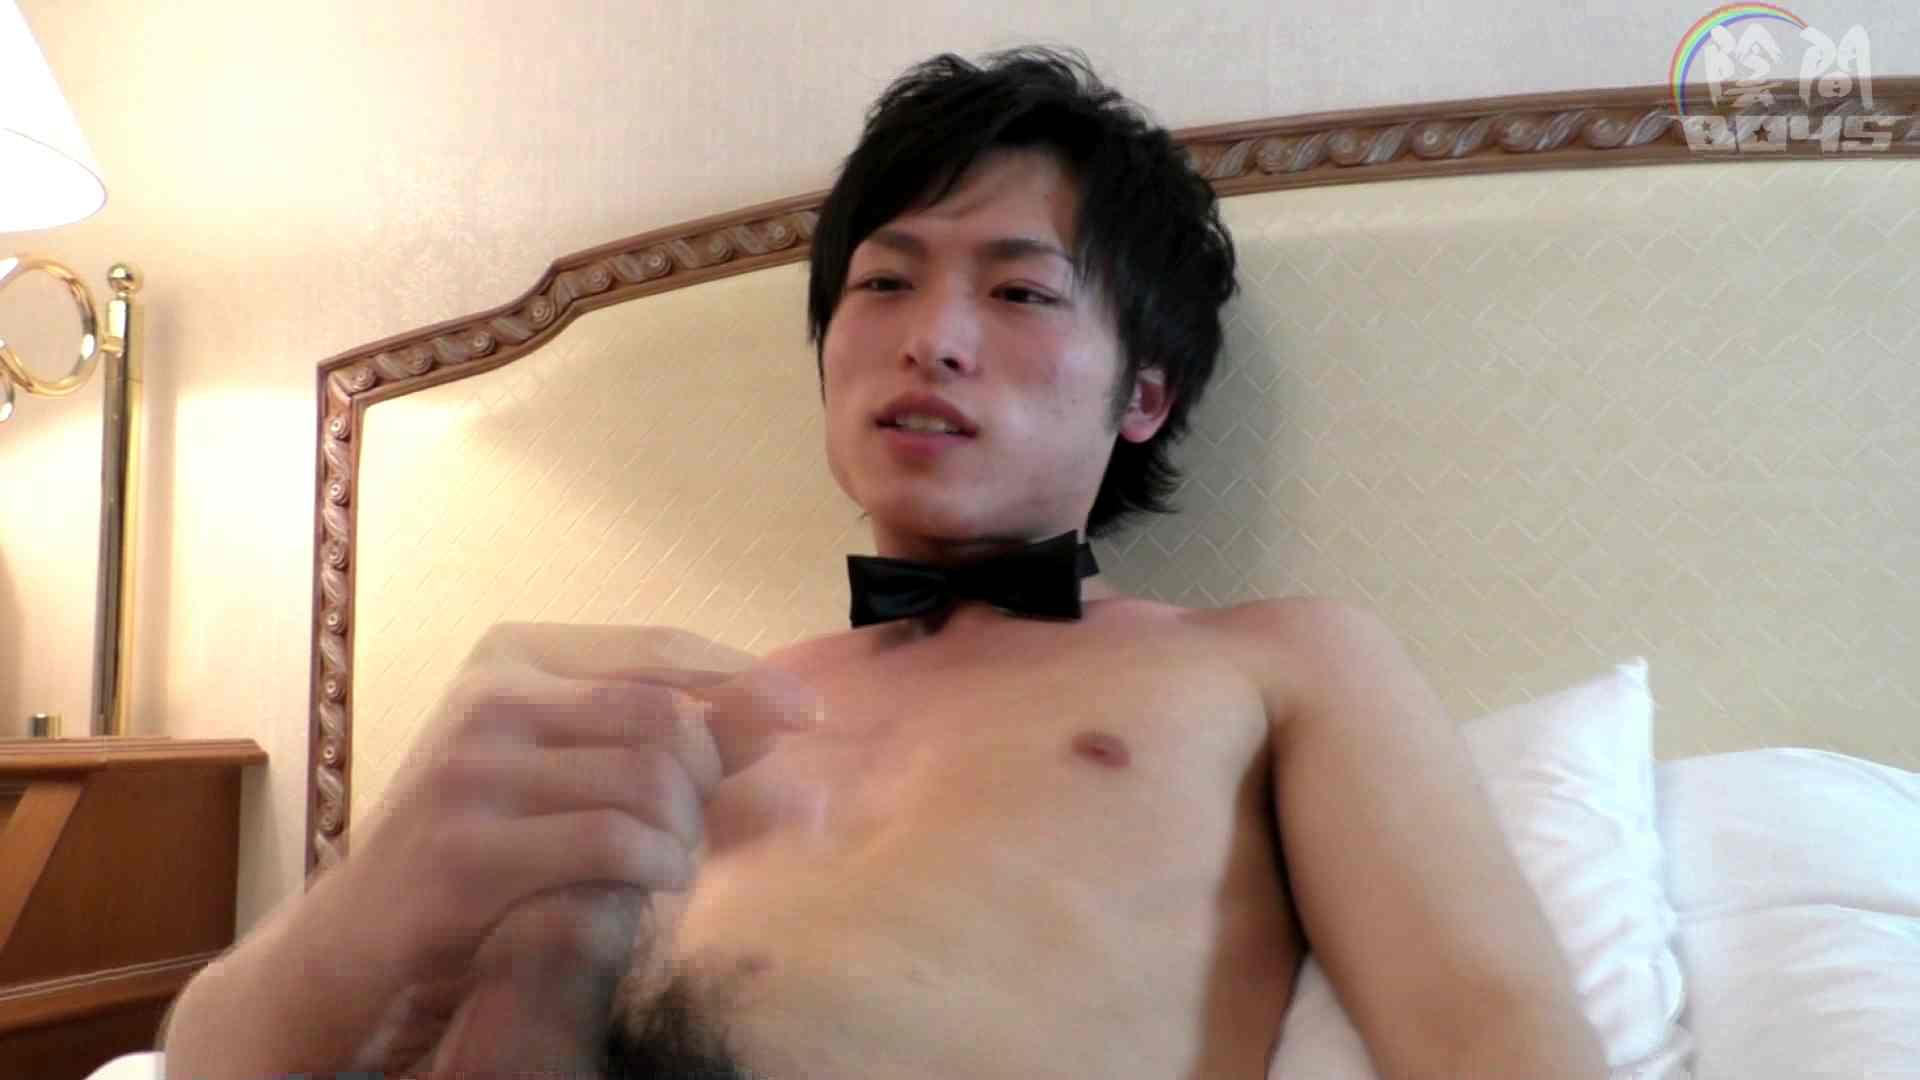 陰間BOYS~AV男優面接2、俺のアナルが…~05 悪戯動画 ゲイ無料エロ画像 99pic 17